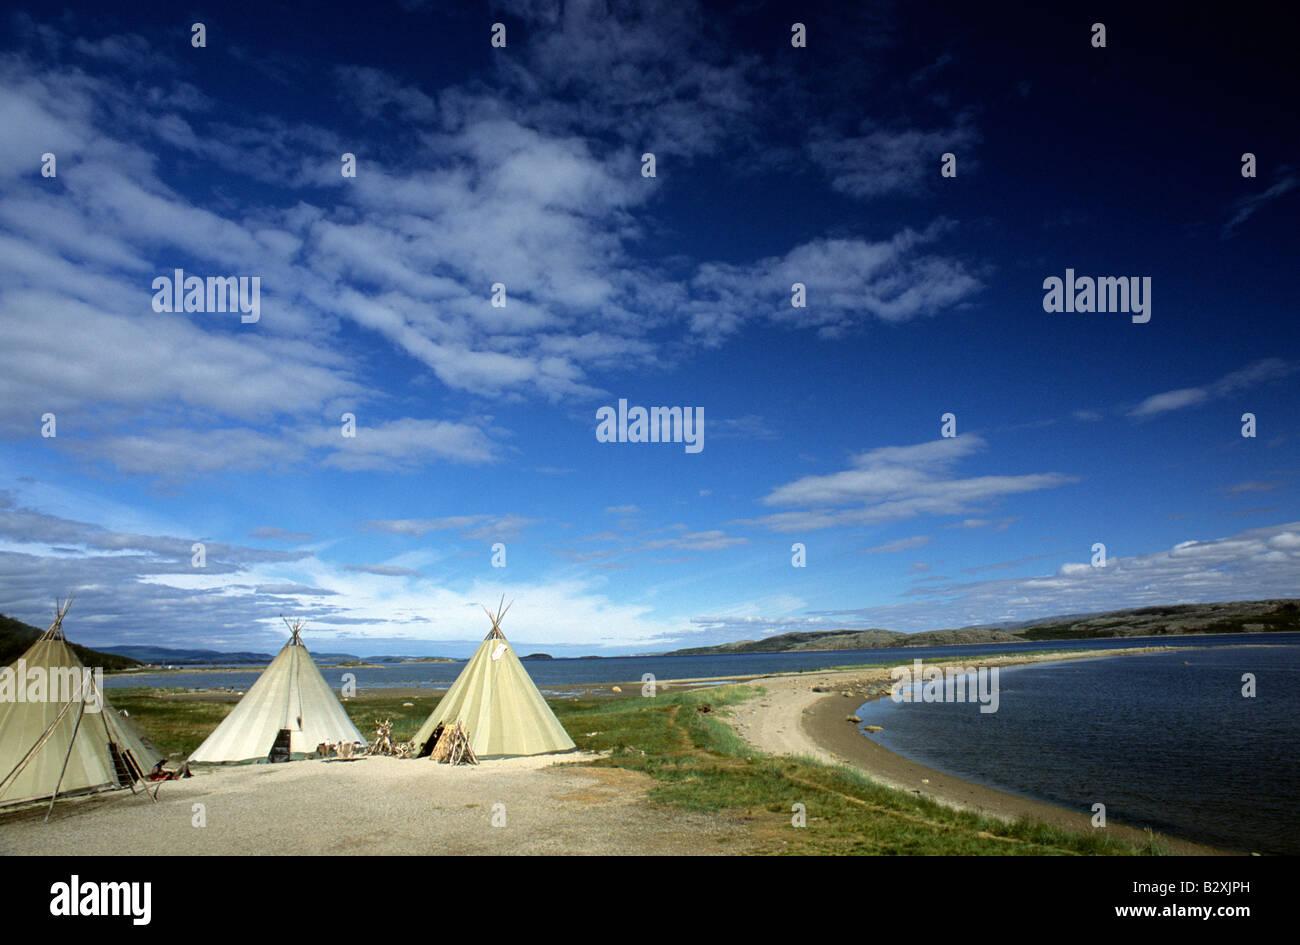 Norvegia Lakselv popolazione Sami tipis e fjord Immagini Stock